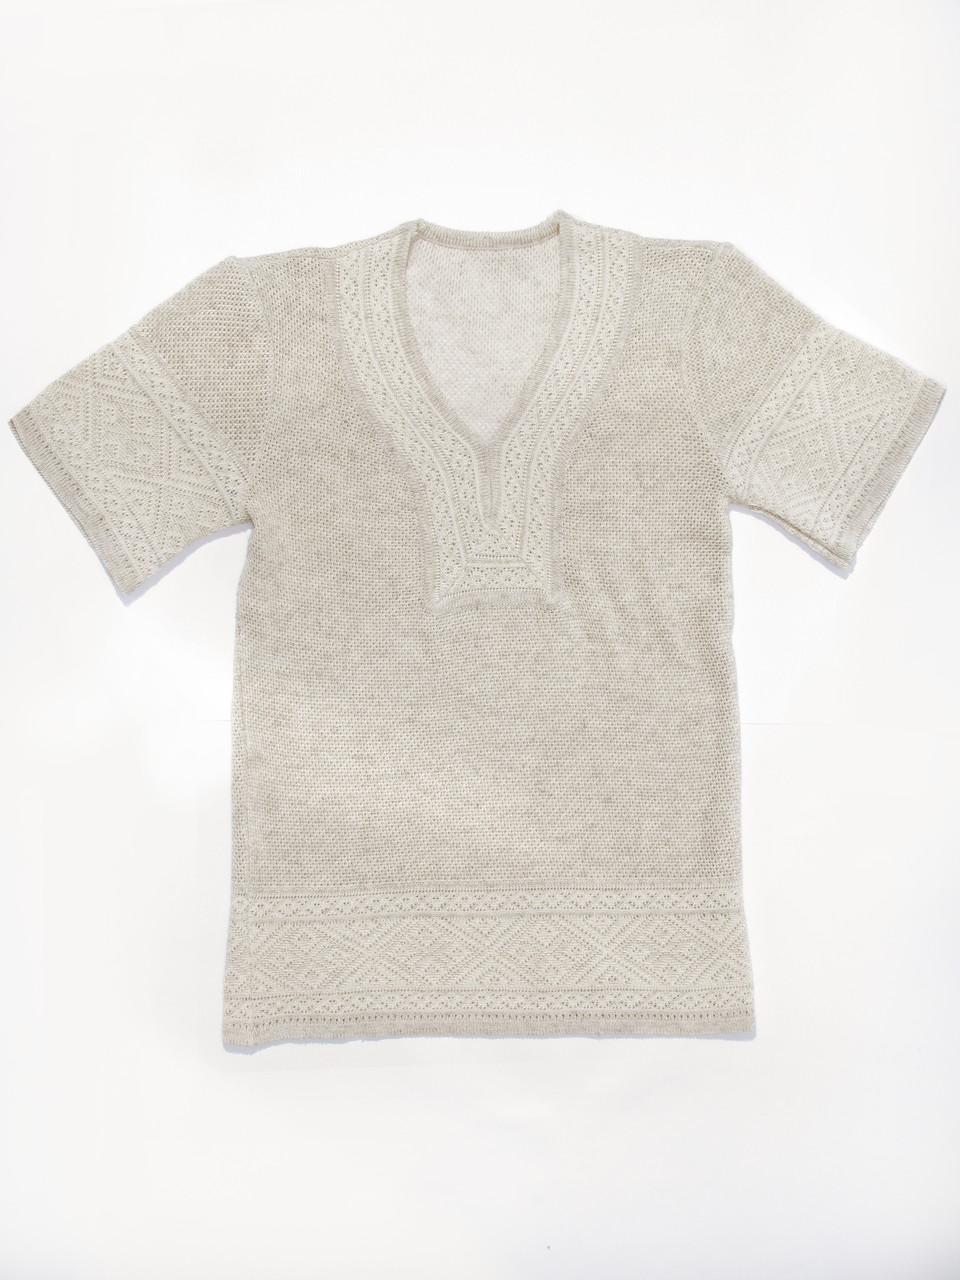 Женская рубашка вязаная 0348 (корткий рукав)